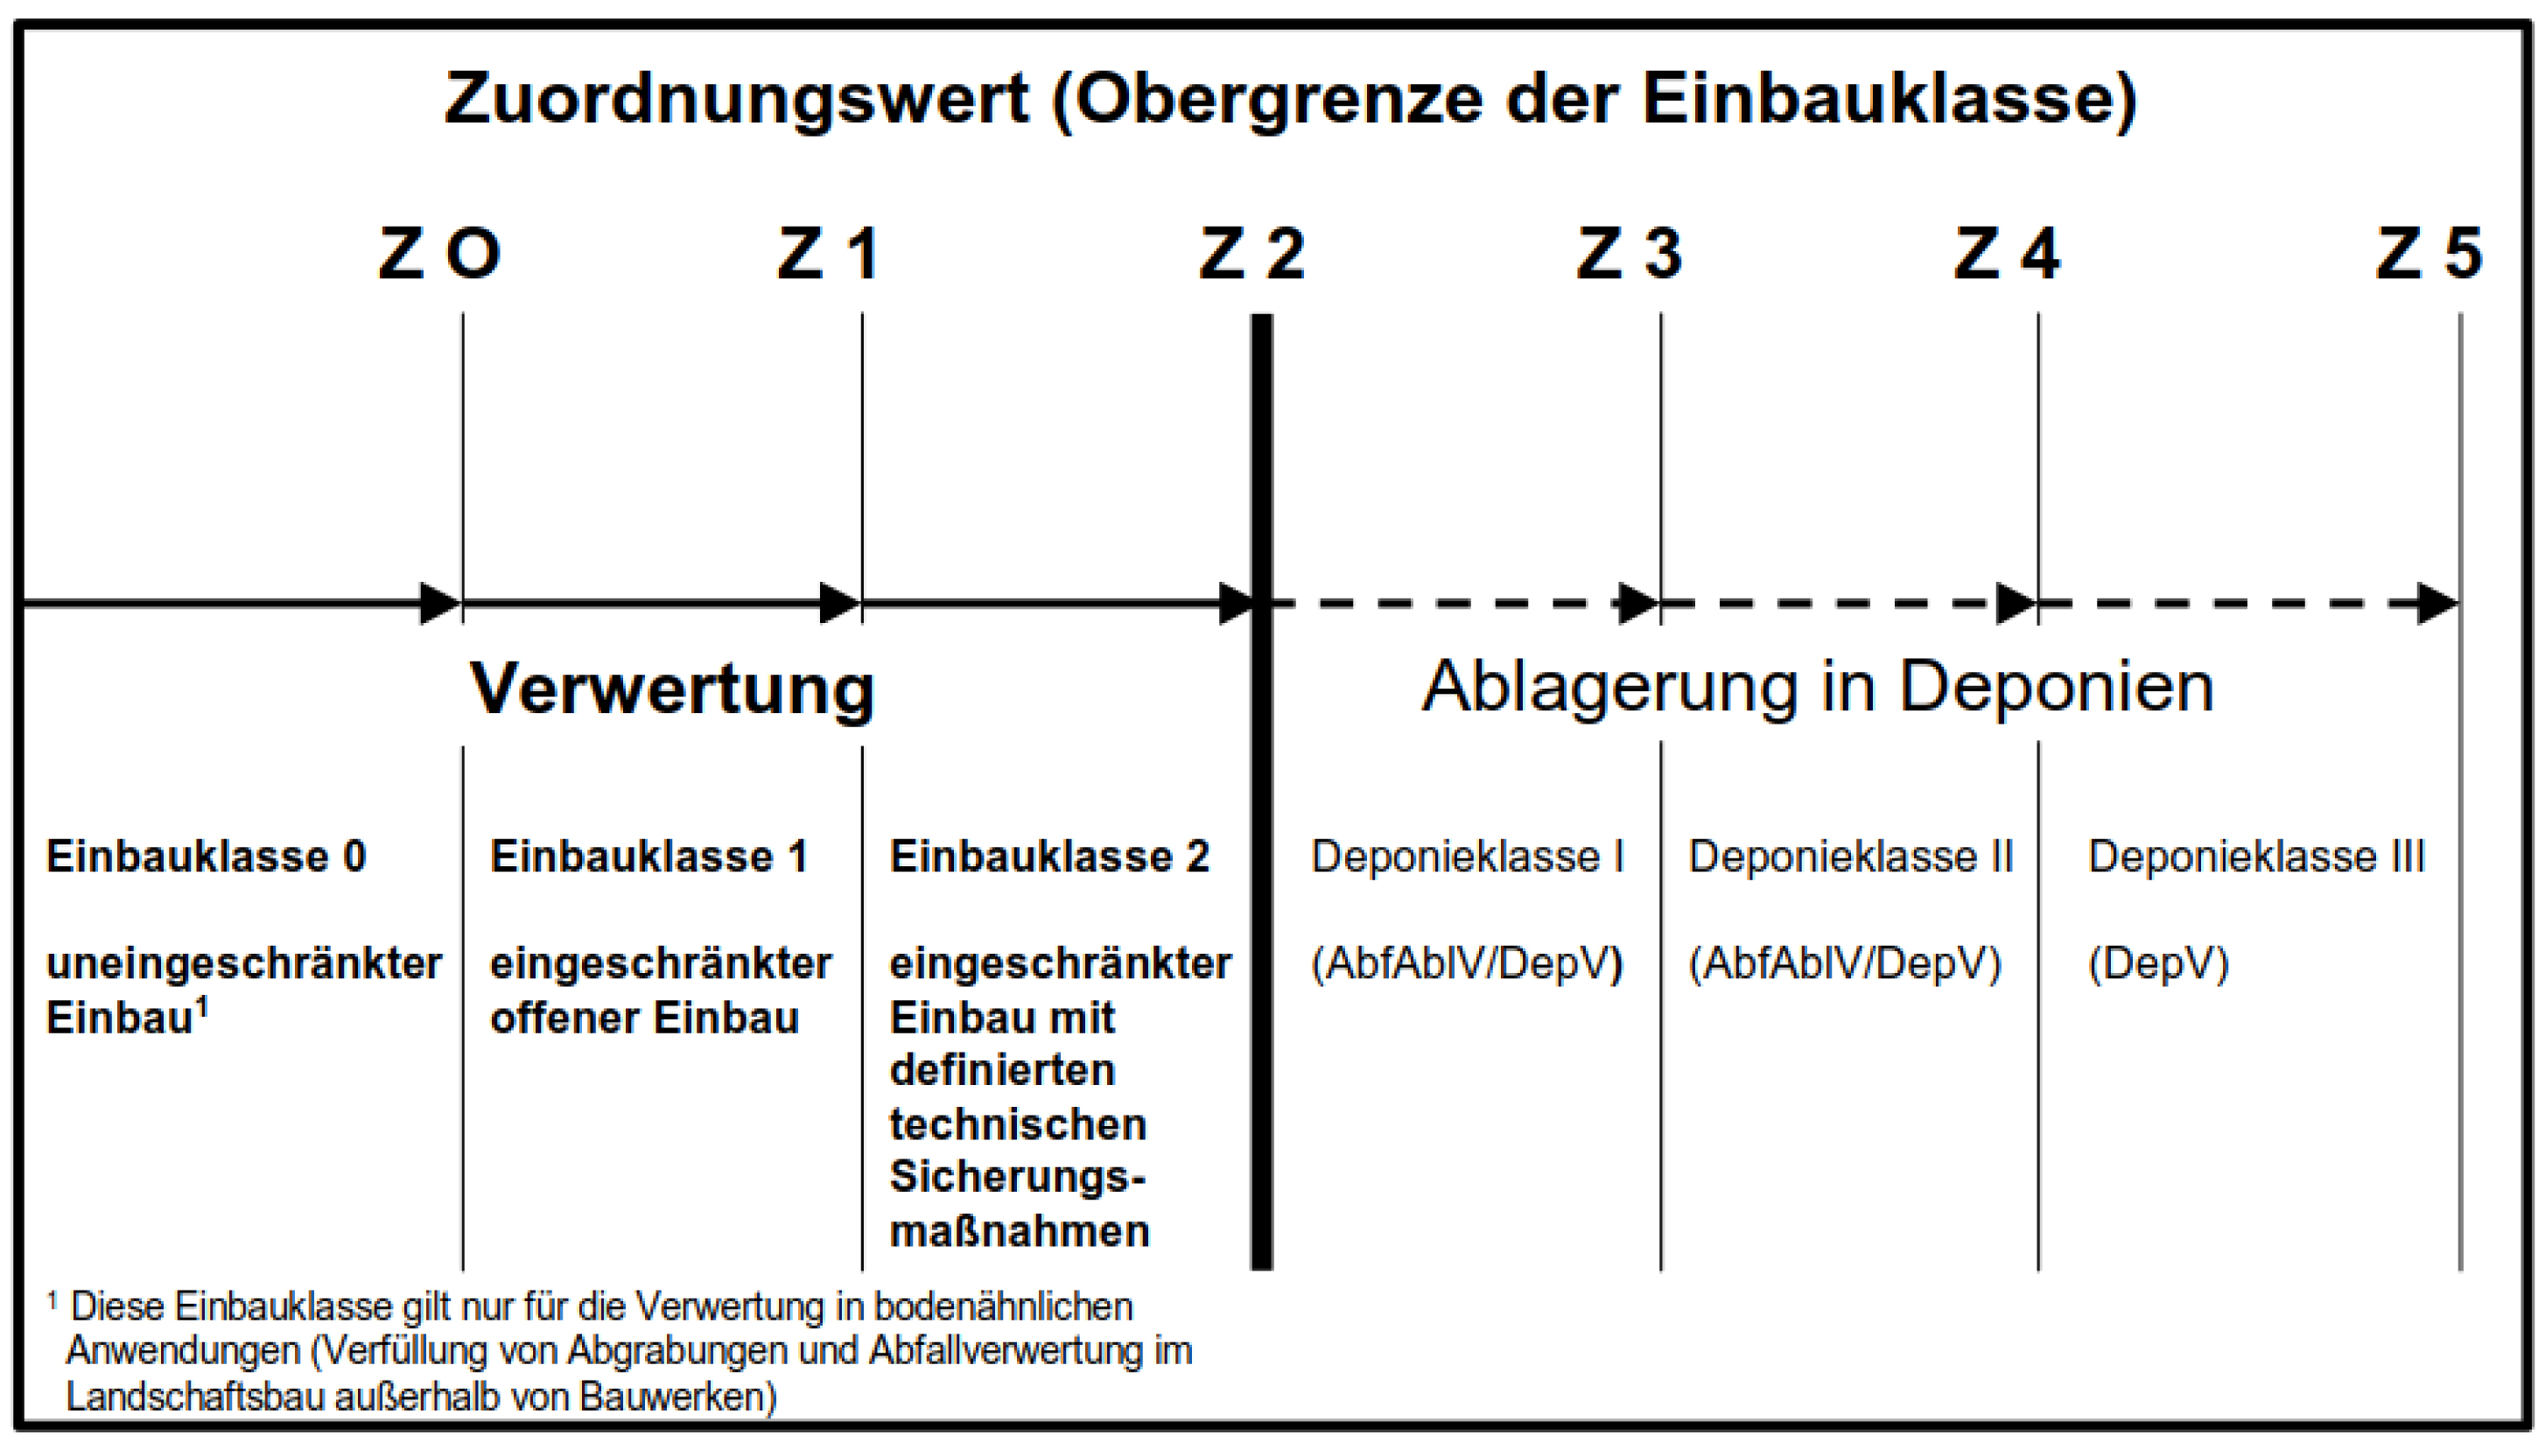 Übersicht Zuordnungswert (Obergrenze der Einbauklassen)